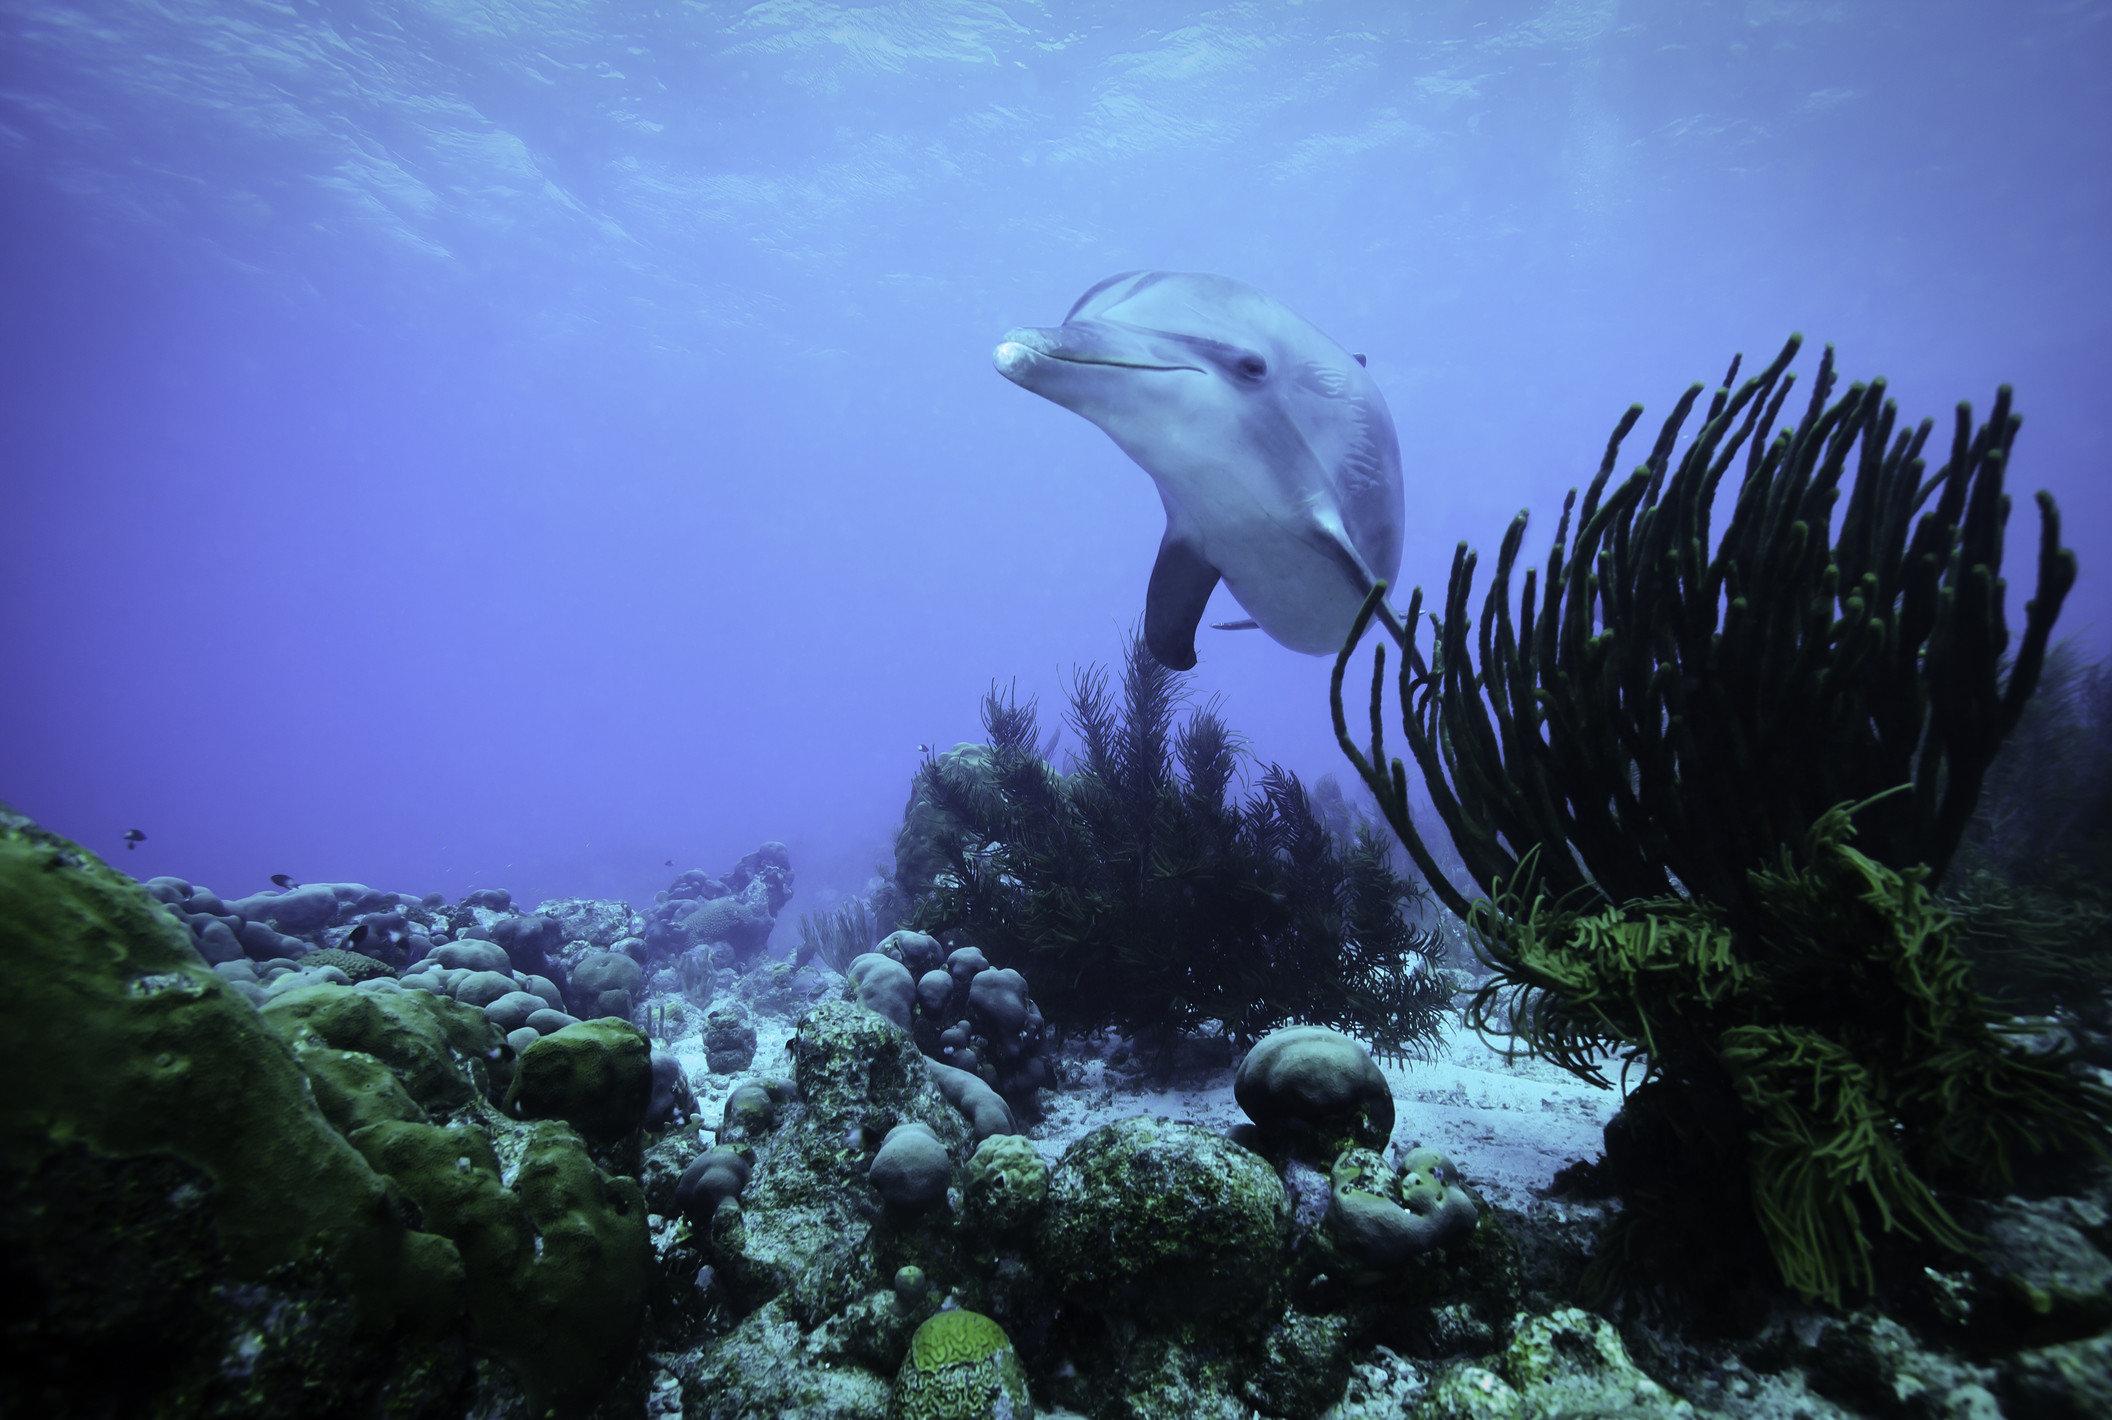 Trip Ideas outdoor marine biology underwater biology Ocean Sea reef coral reef fish